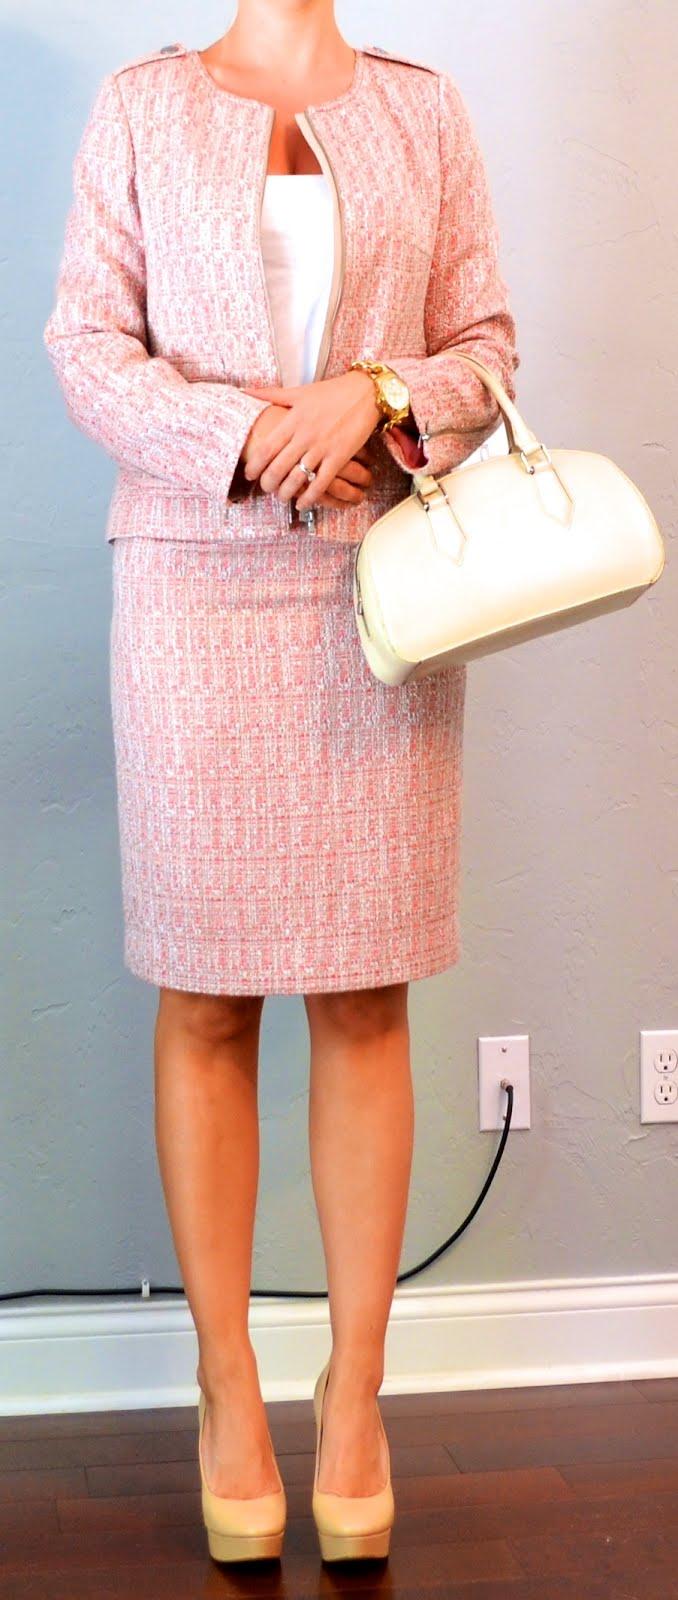 Outfit Post Pink Tweed Jacket Pink Tweed Pencil Skirt